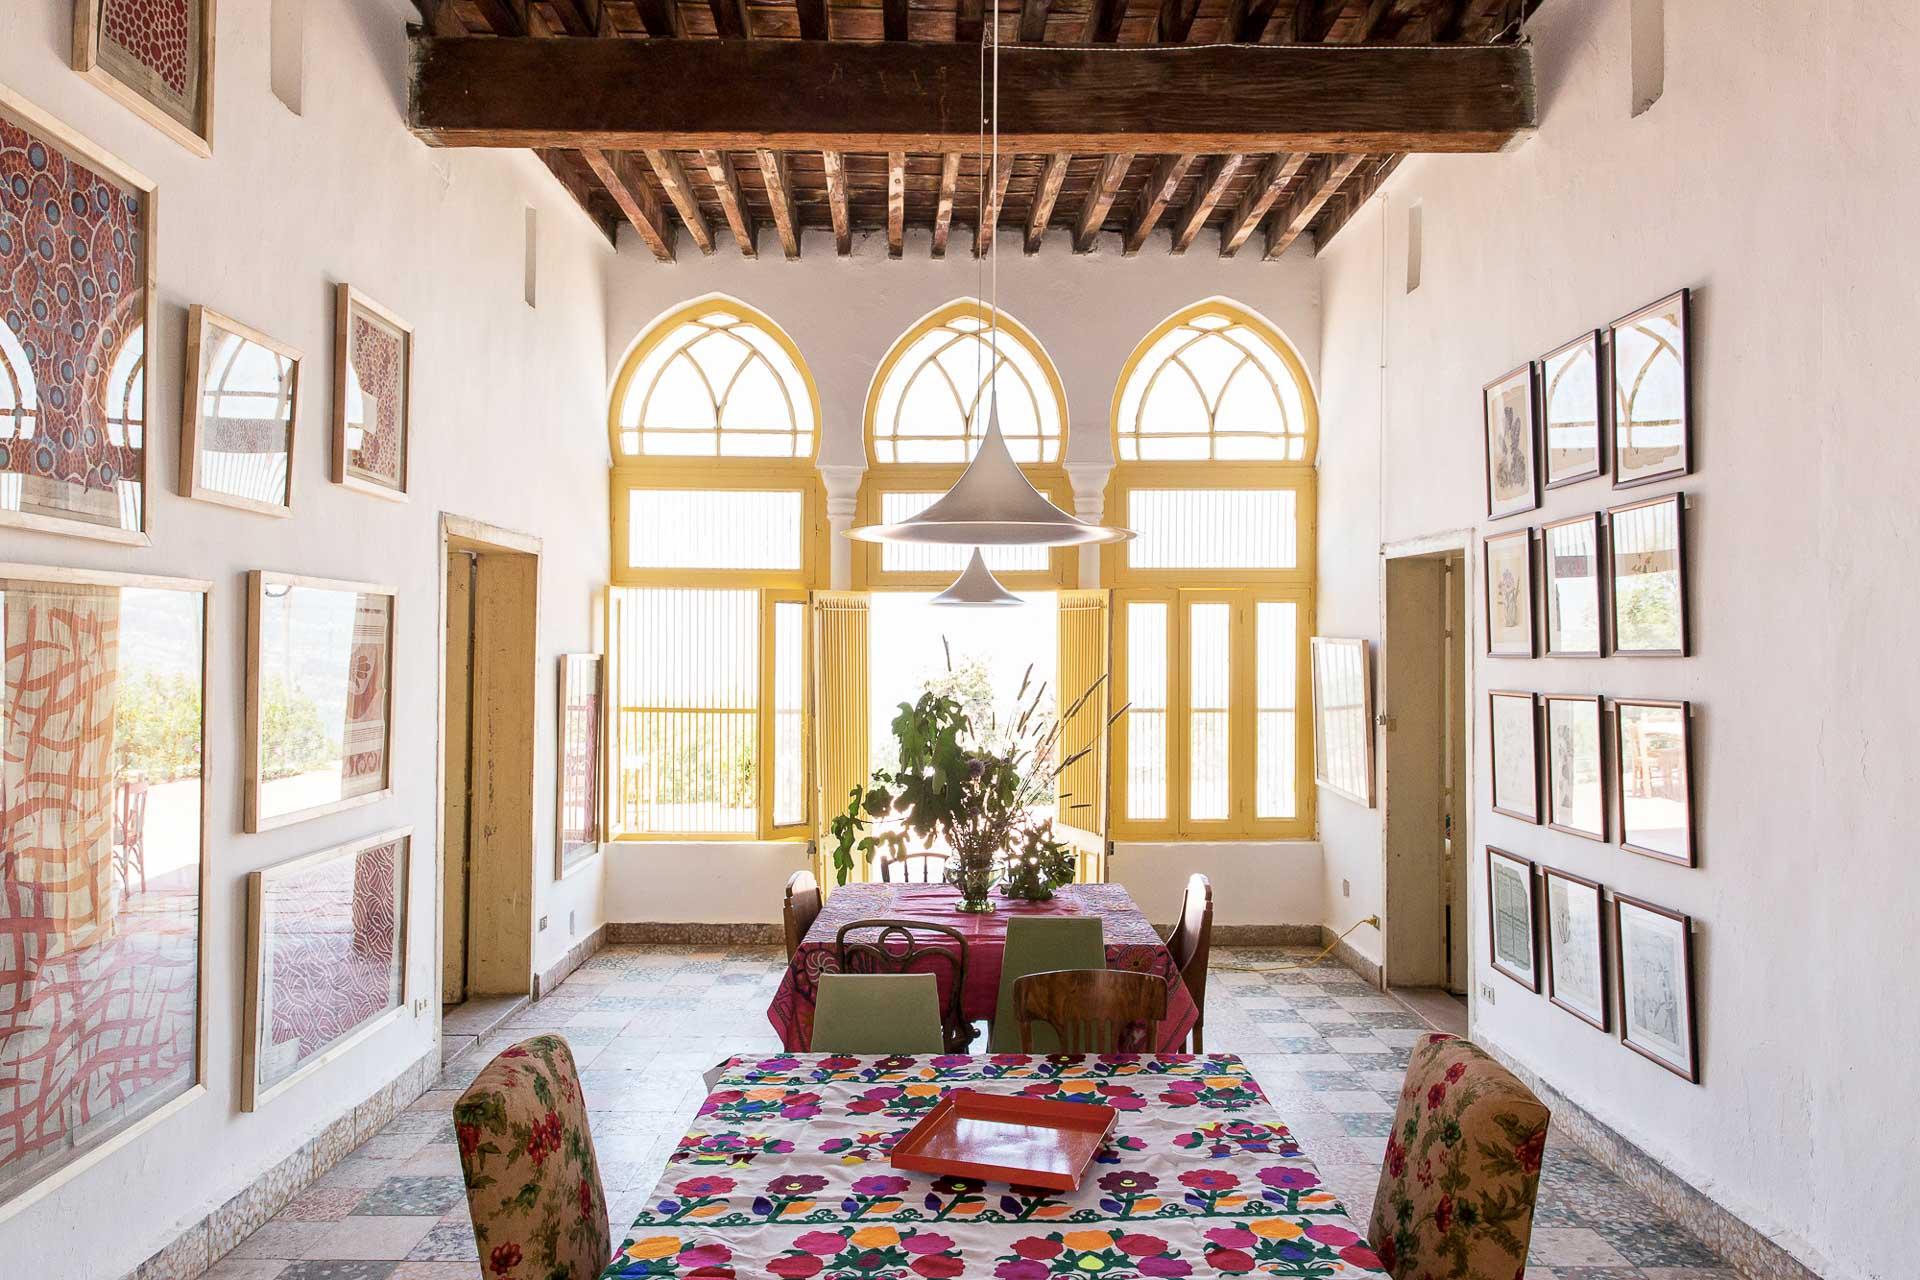 Depuis 2001, L'Hôte Libanais promeut un tourisme durable, respectueux du patrimoine architectural traditionnel et de l'environnement. Au cœur de cette démarche, une collection d'une vingtaine de maison d'hôtes, réparties dans tout le pays. Nous avons sélectionné et testé cinq d'entre elles.